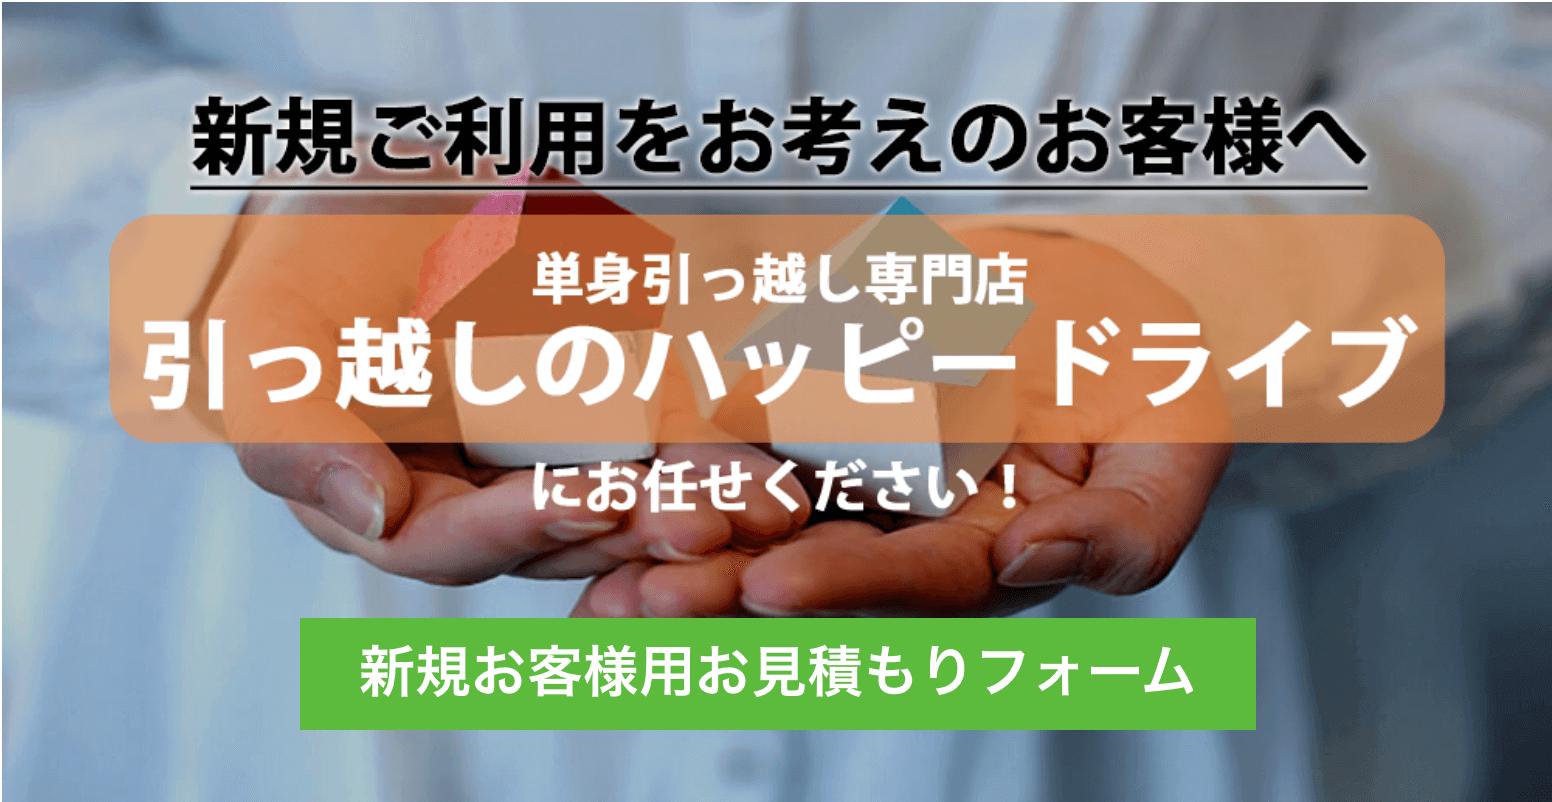 見積り【京都・大阪の単身引越し】